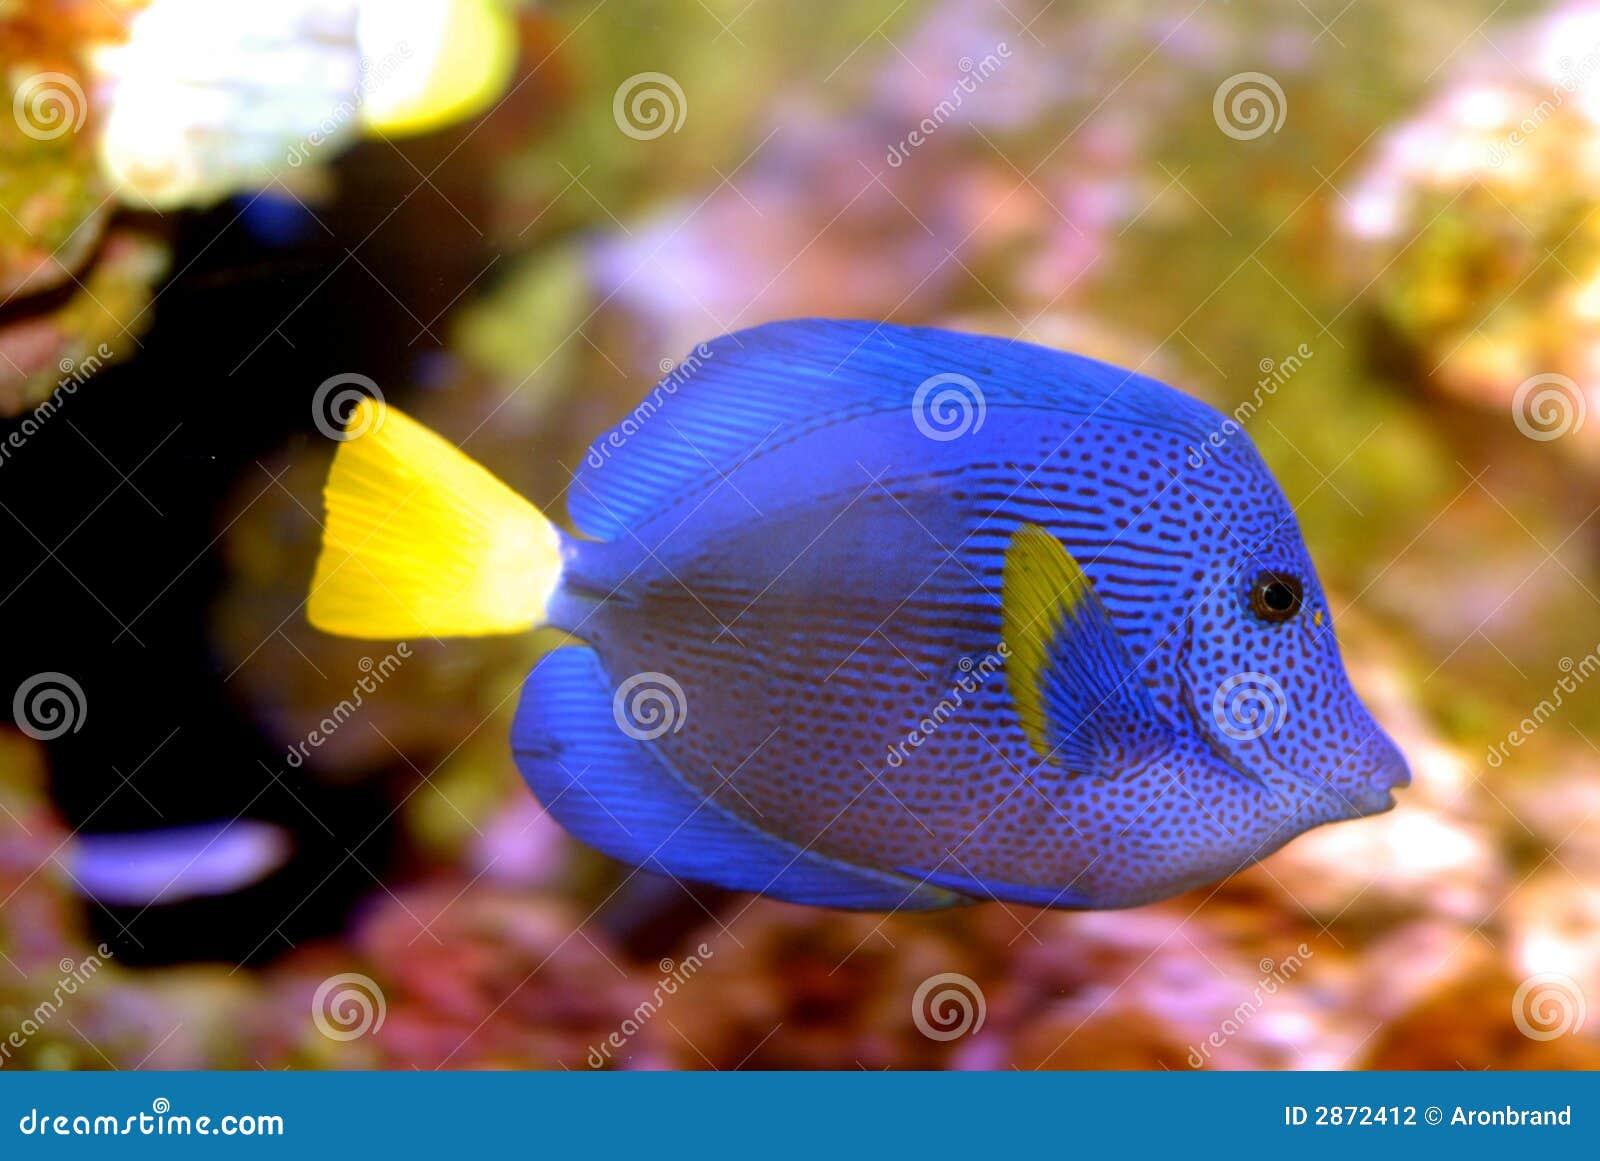 Blaue salzwasserfische stockfoto bild von aquarium for Salzwasser aquarium fische